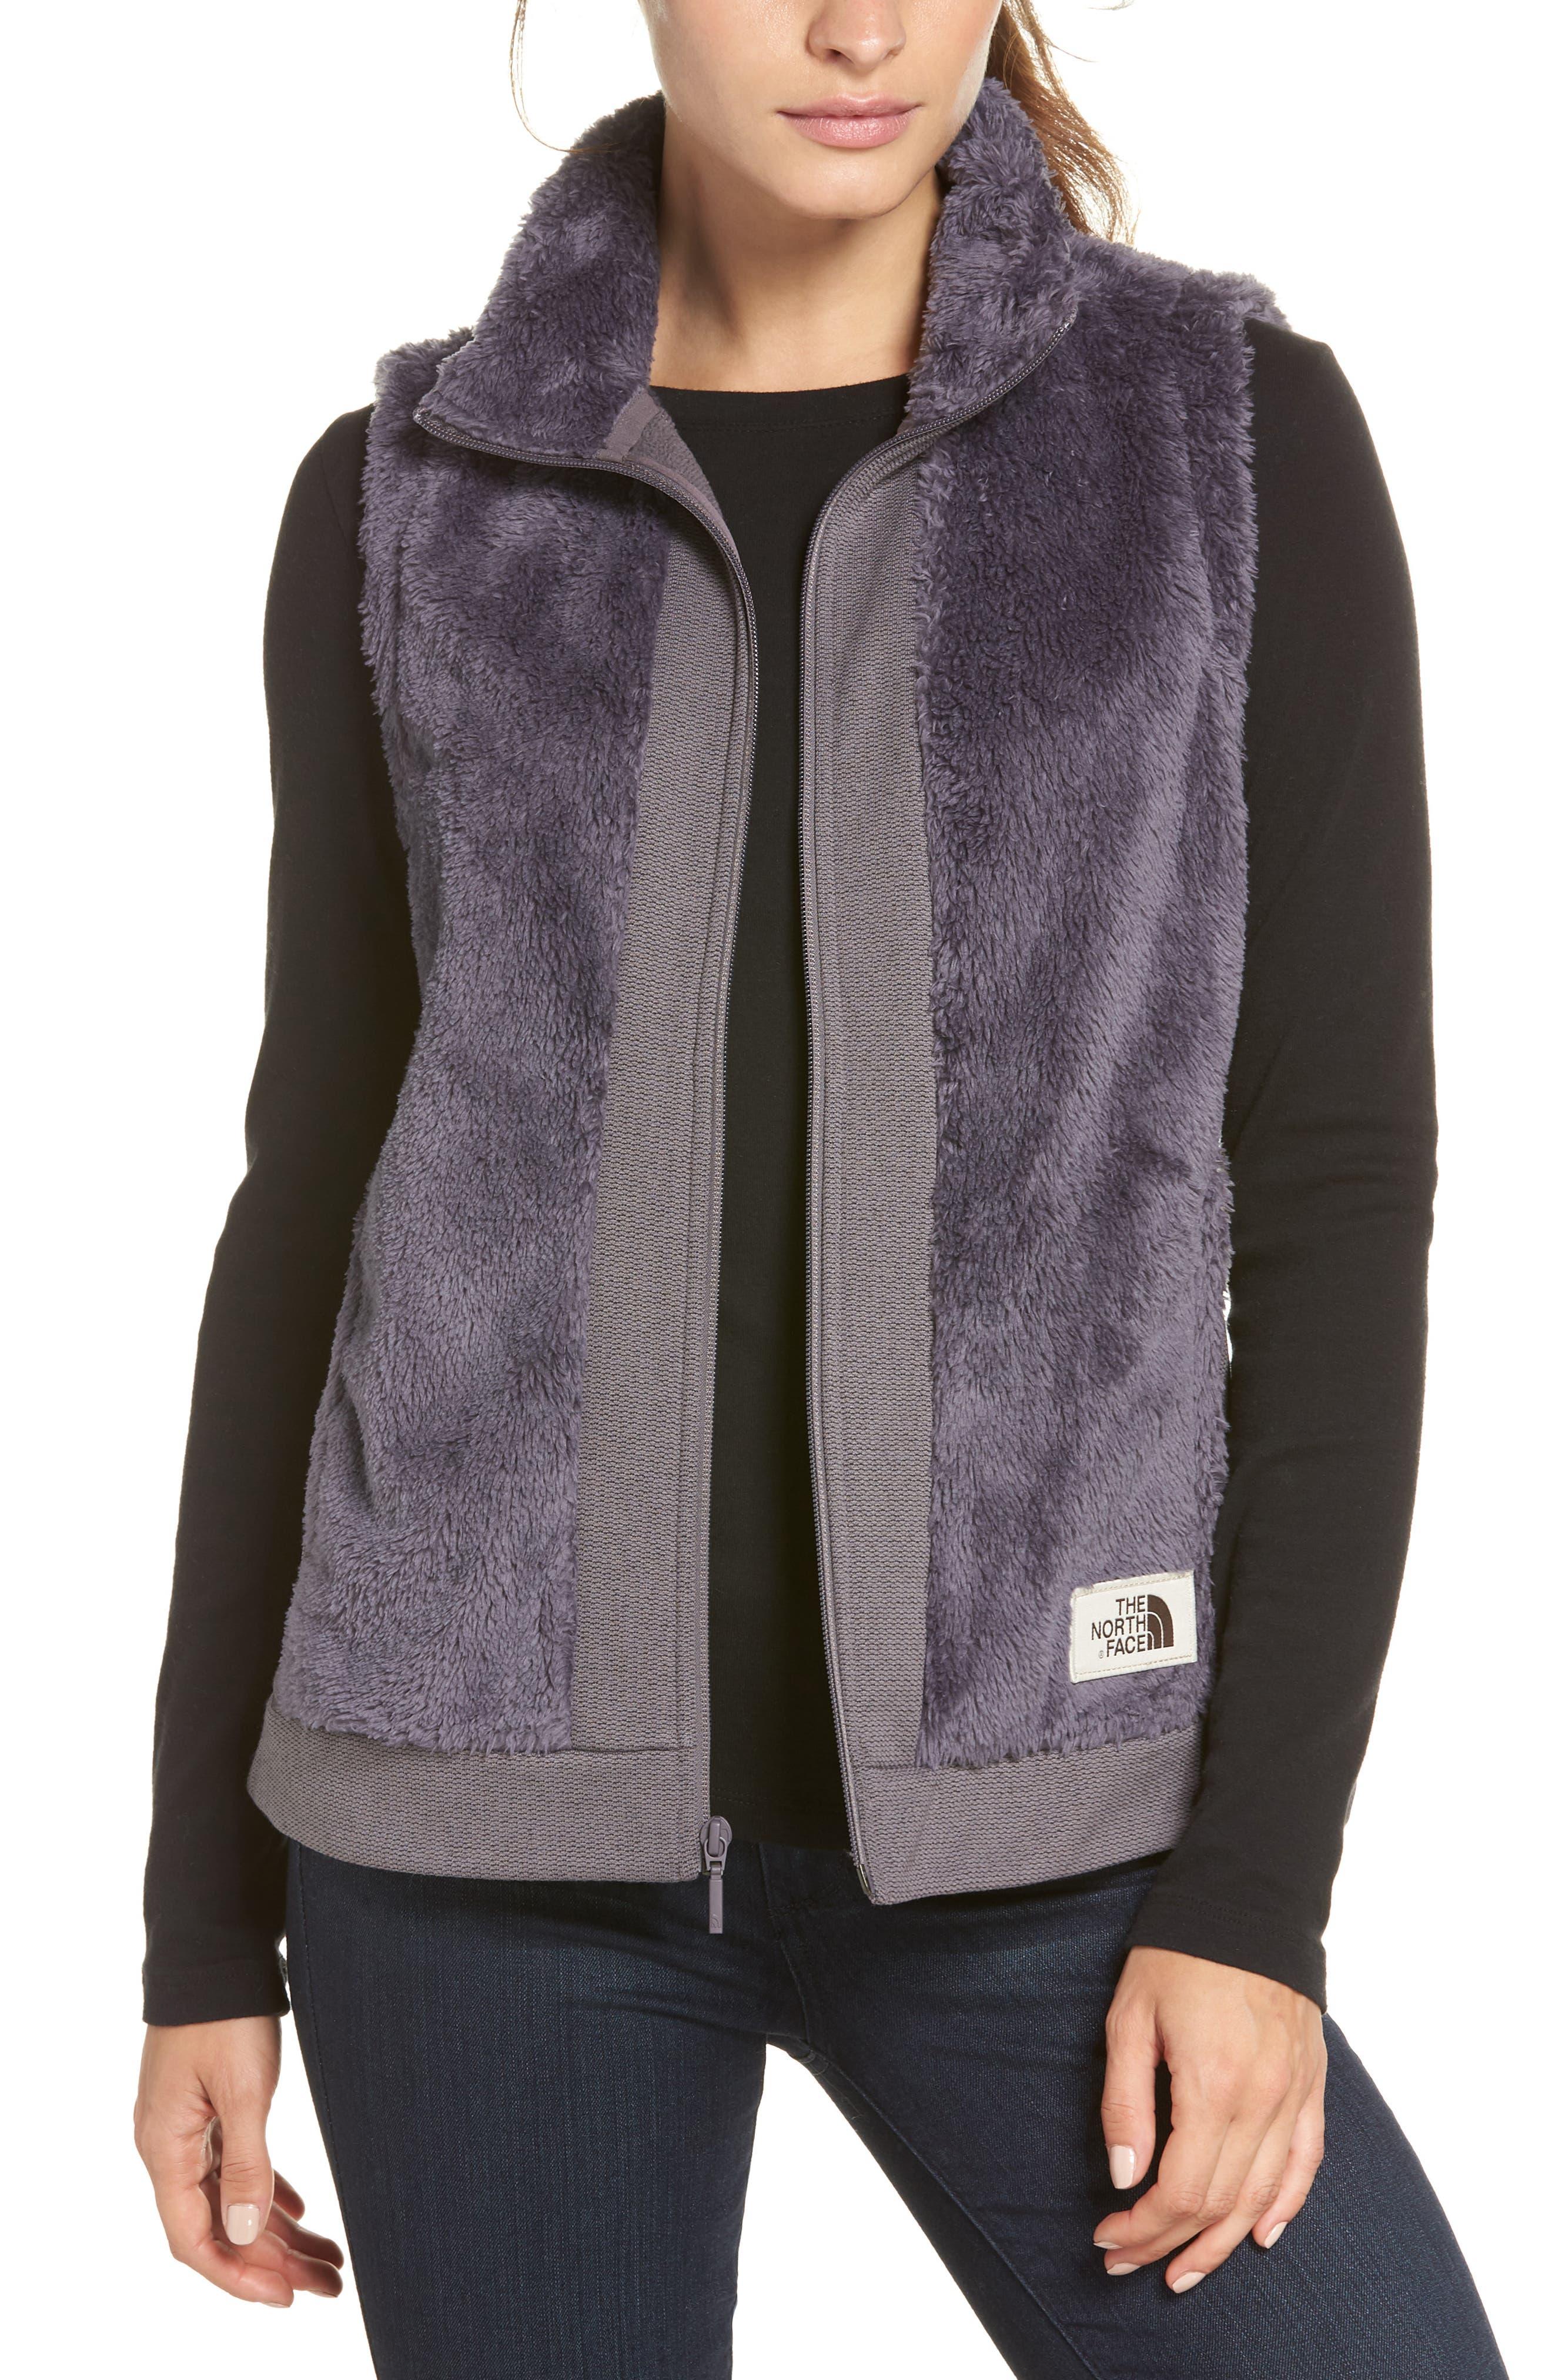 THE NORTH FACE,                             Faux Fur Vest,                             Main thumbnail 1, color,                             021